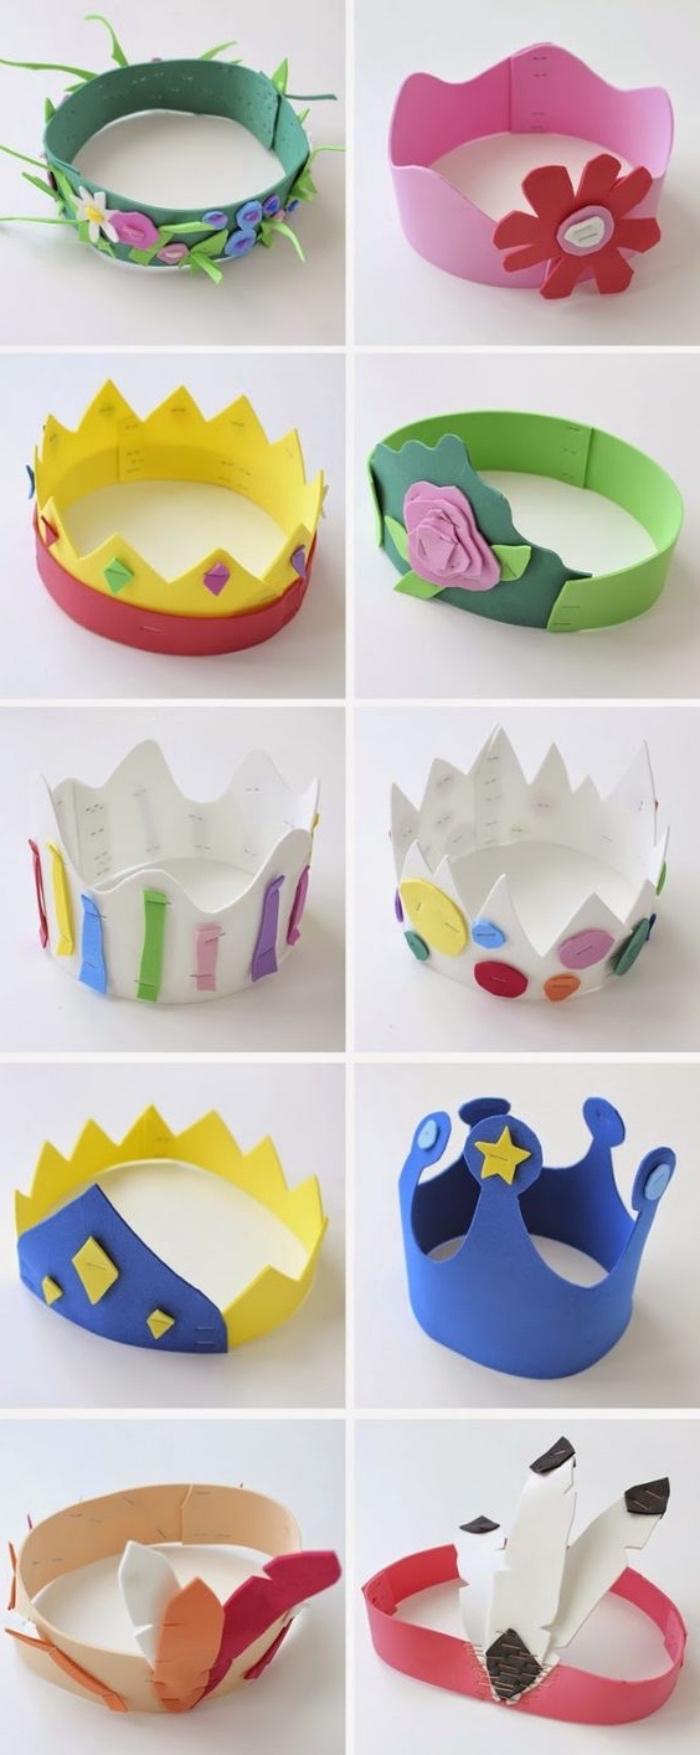 mini coronas hechas de papel, manualidades de papel para niños pequeños, manualidades faciles para niños originales